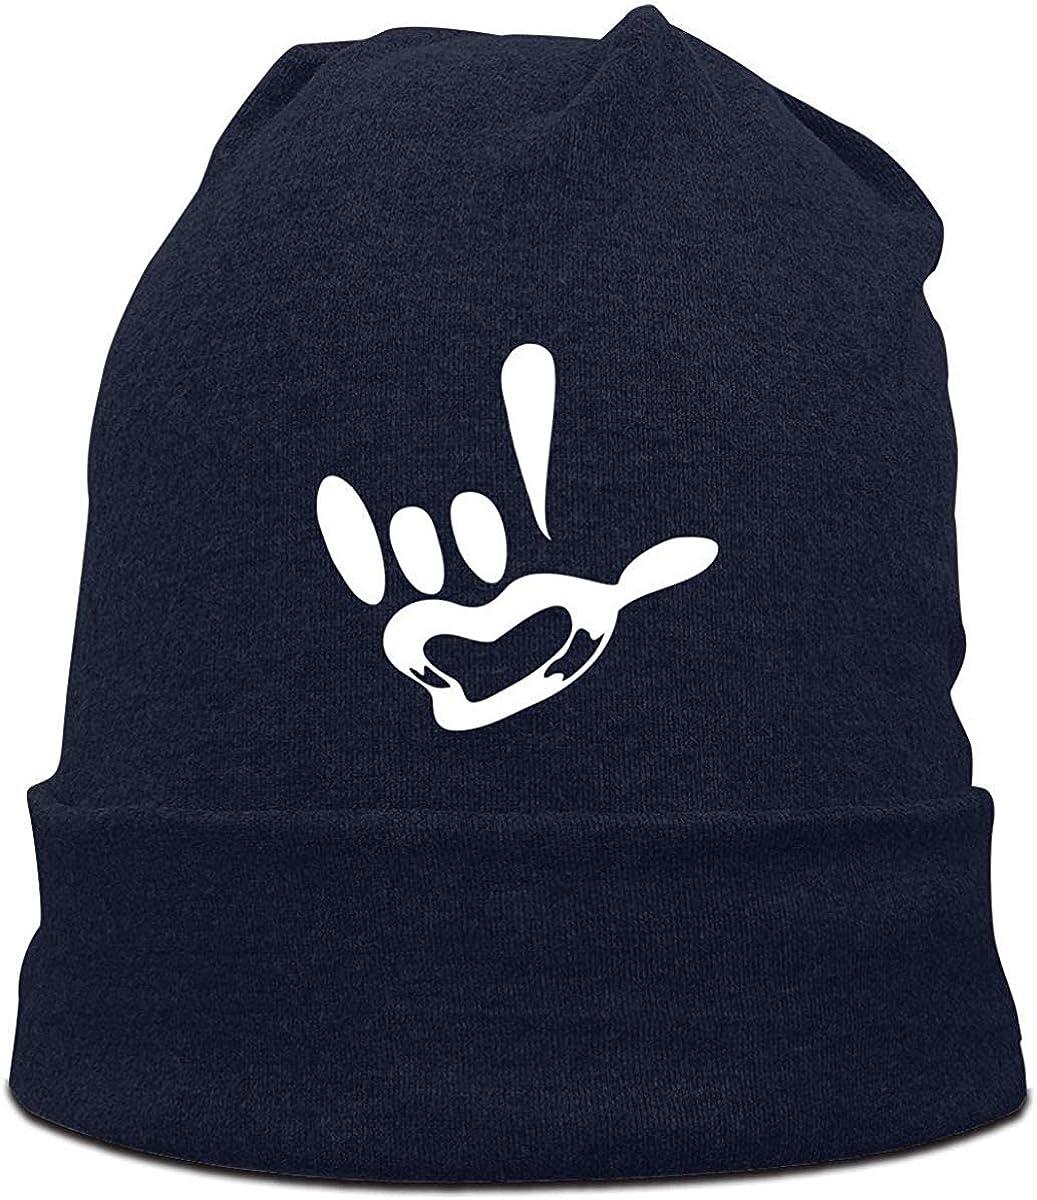 weidazodonghua310 ASL I Love You Lengua de Signos Gorros Gorras ...